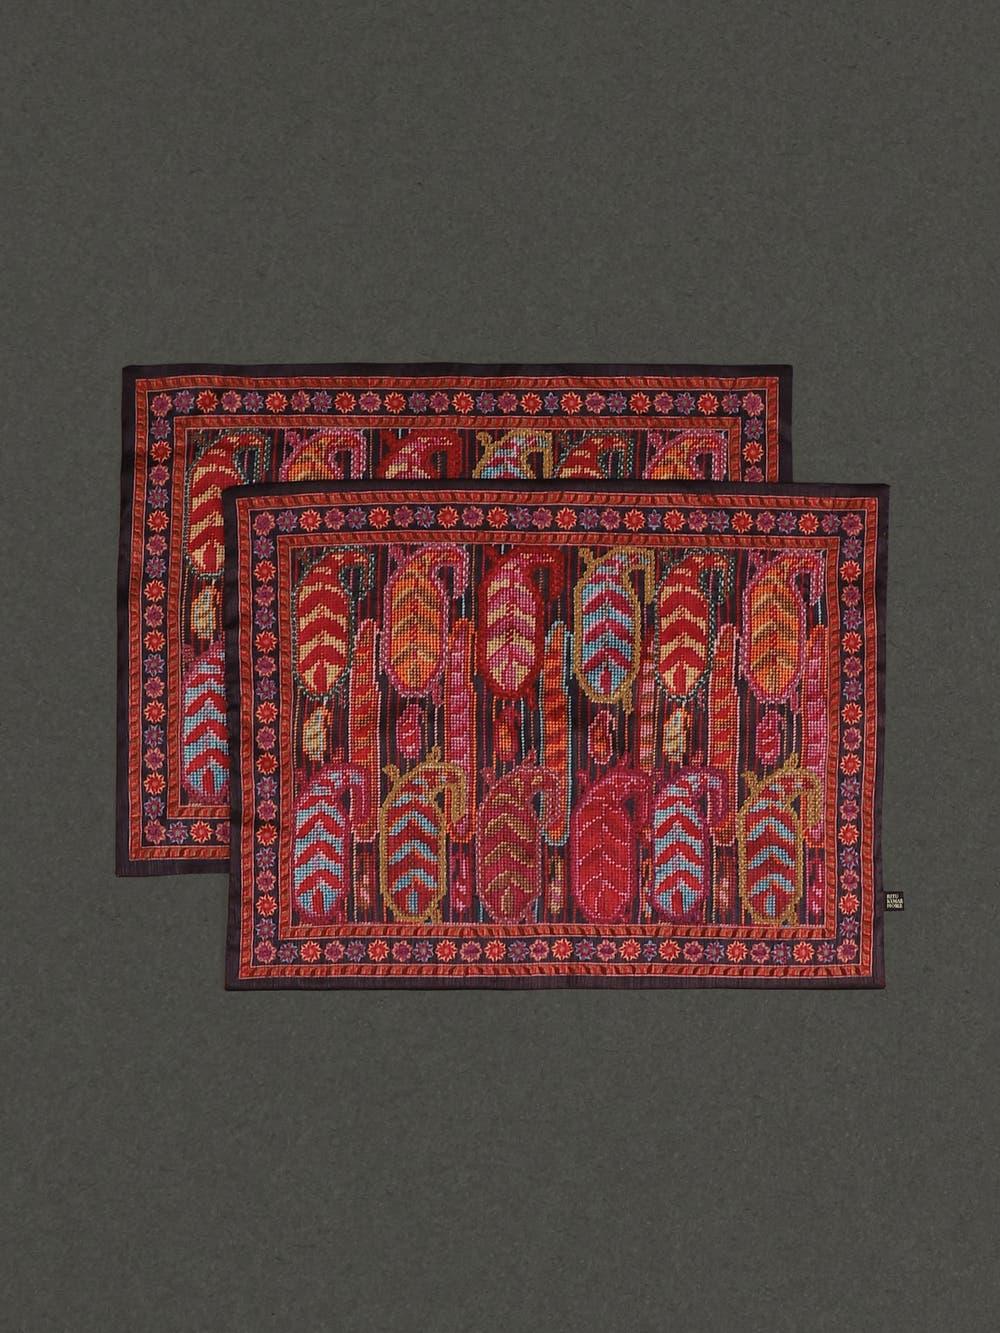 Padmana Placemats (Set of 2)